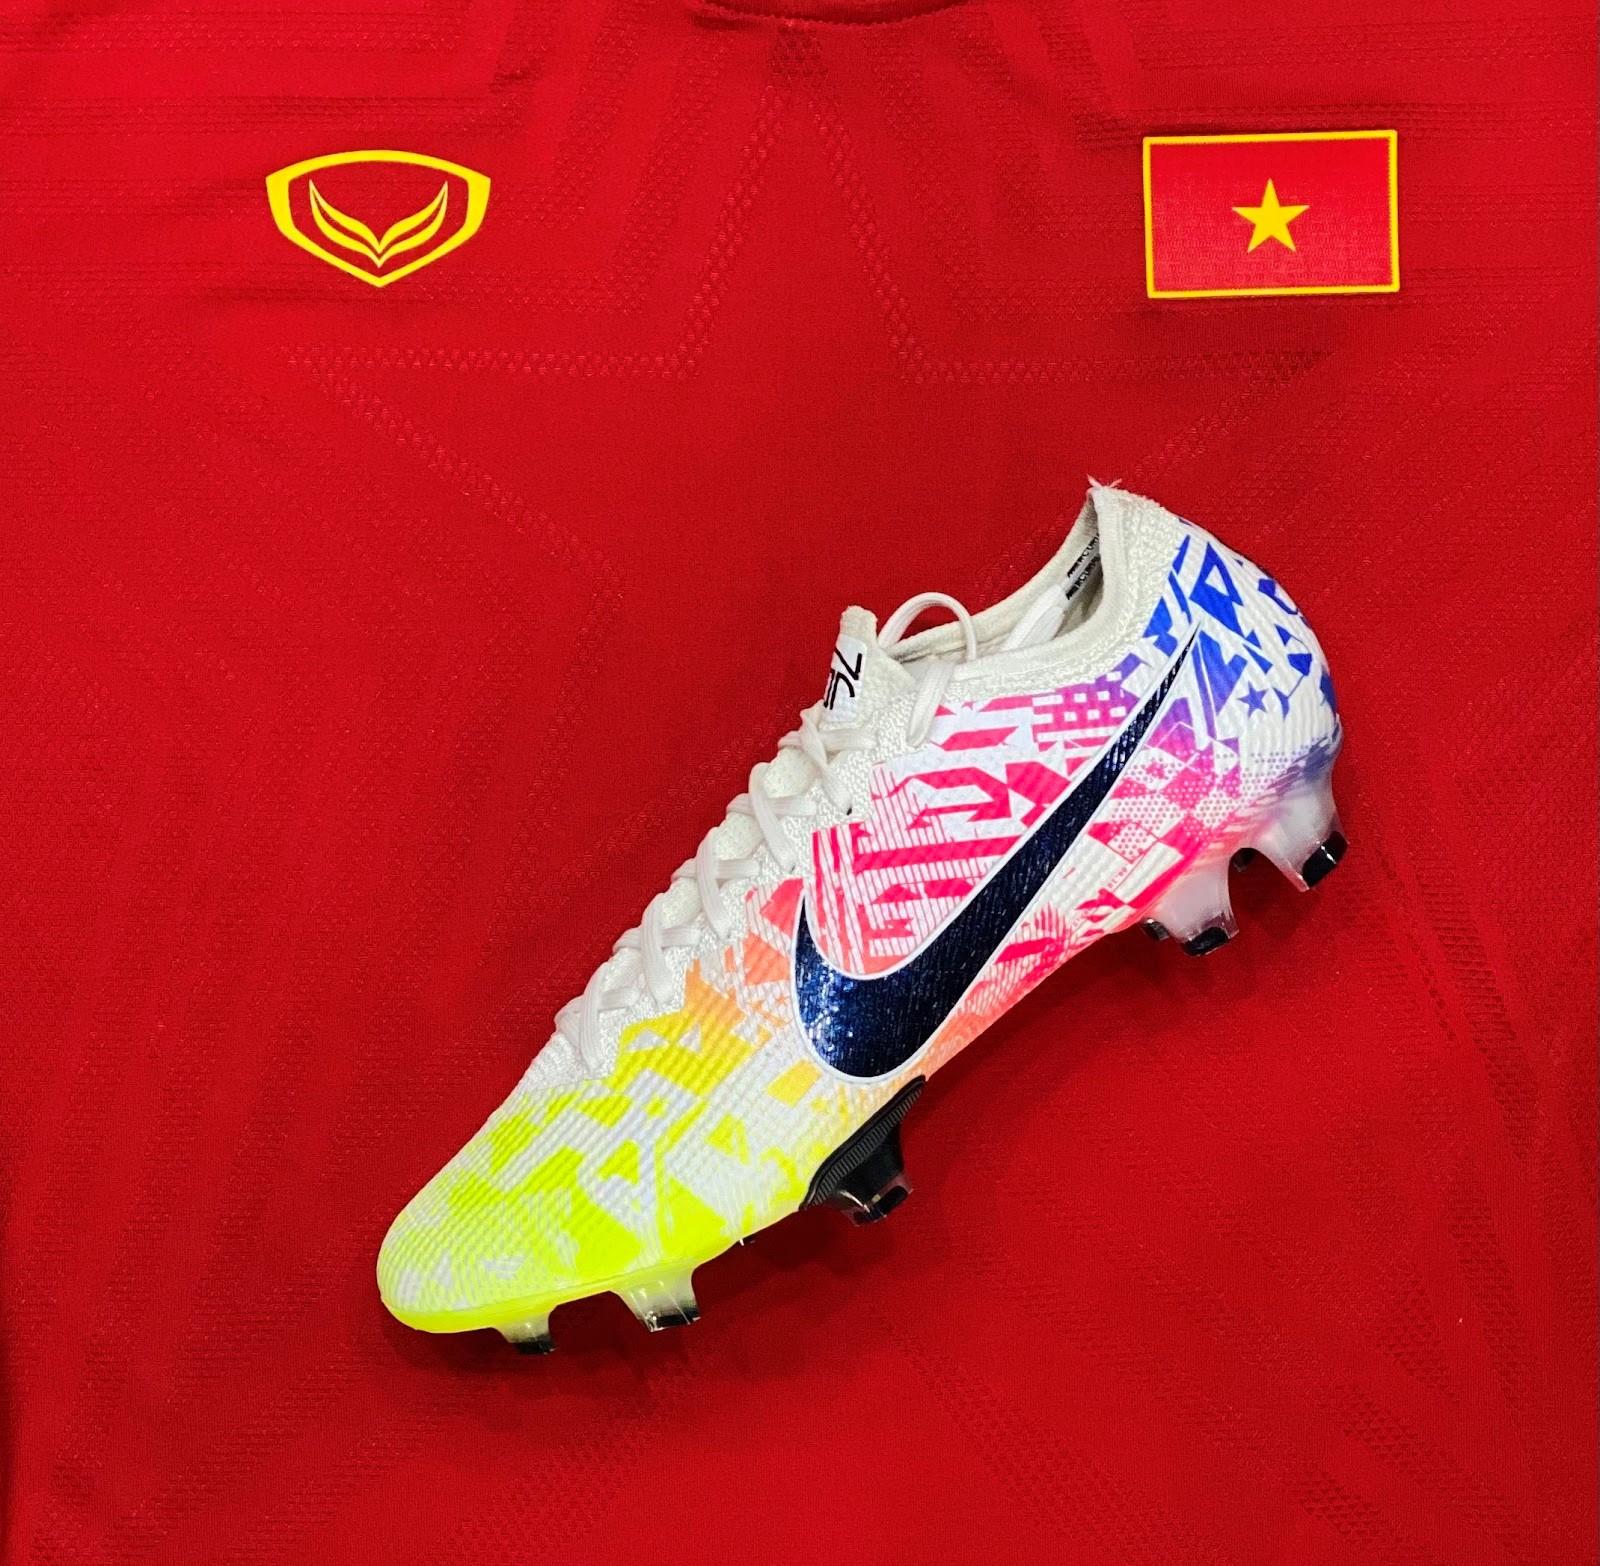 Giày đá bóng Nike sử dụng công nghệ upper Flyknit